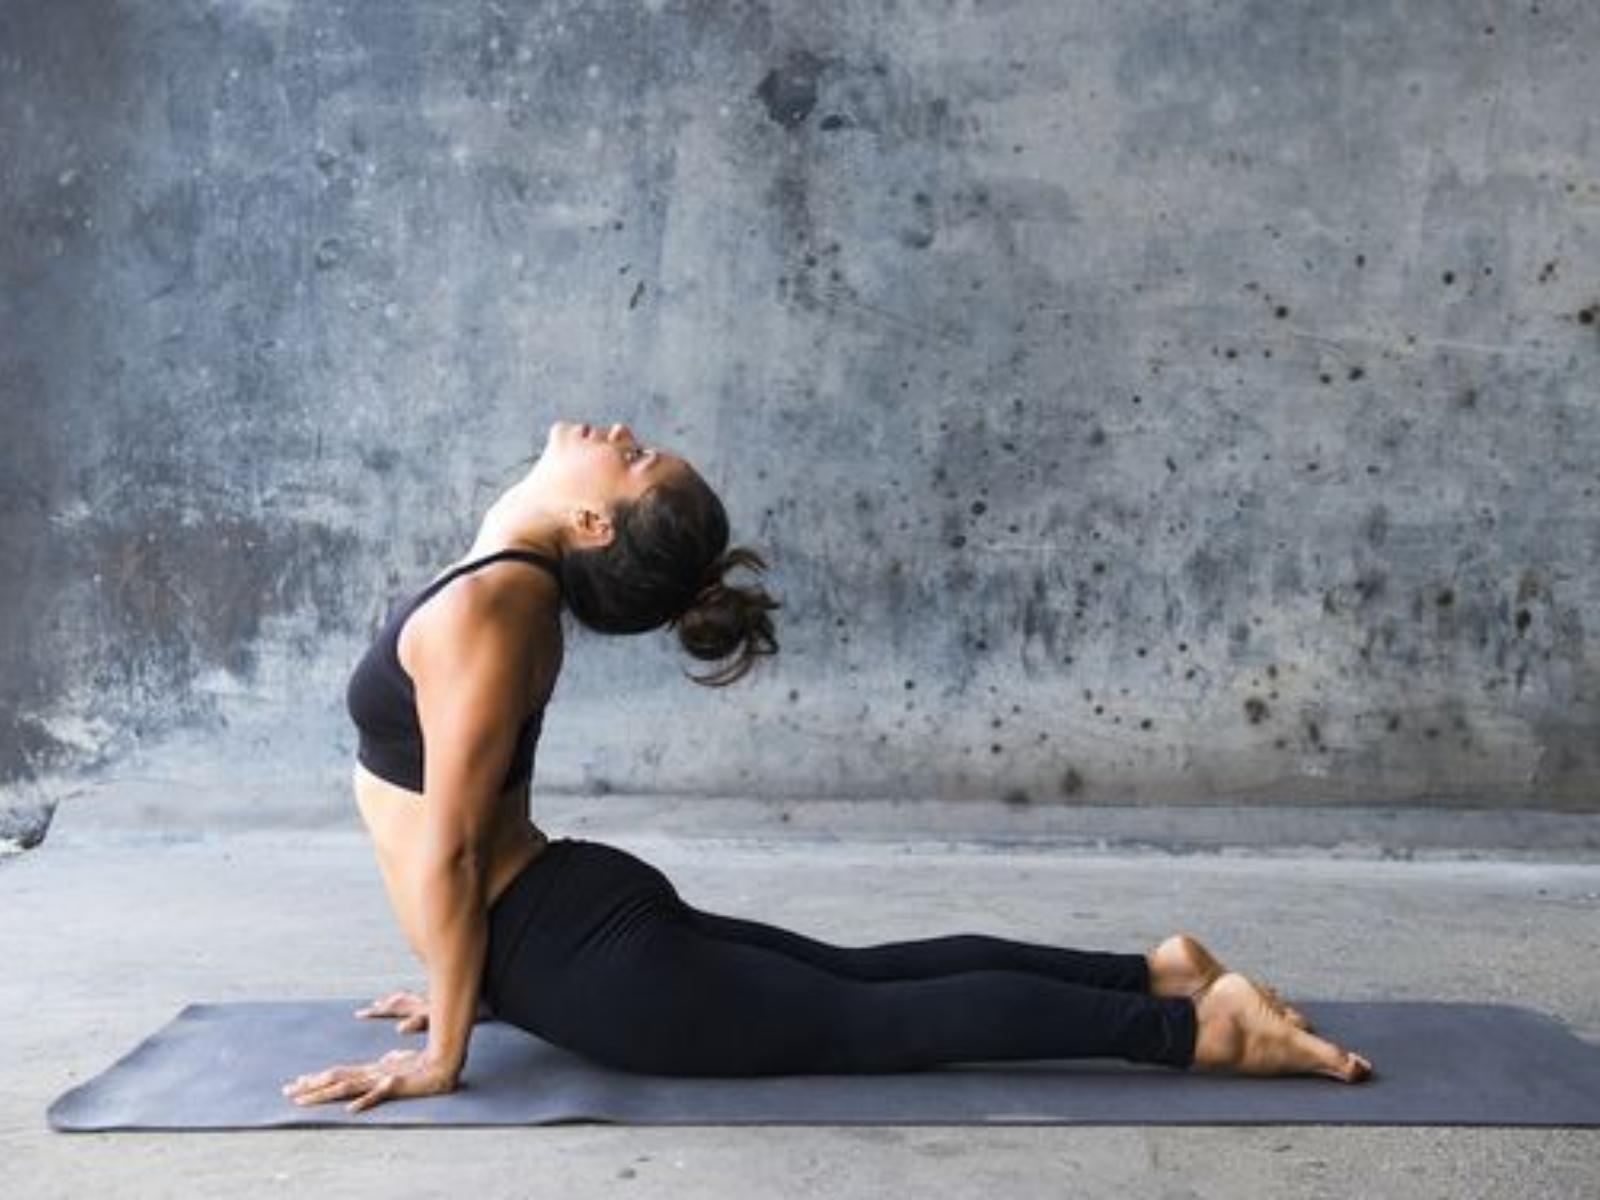 你的呼吸方式錯誤了!運動時該怎麼呼吸才正確?